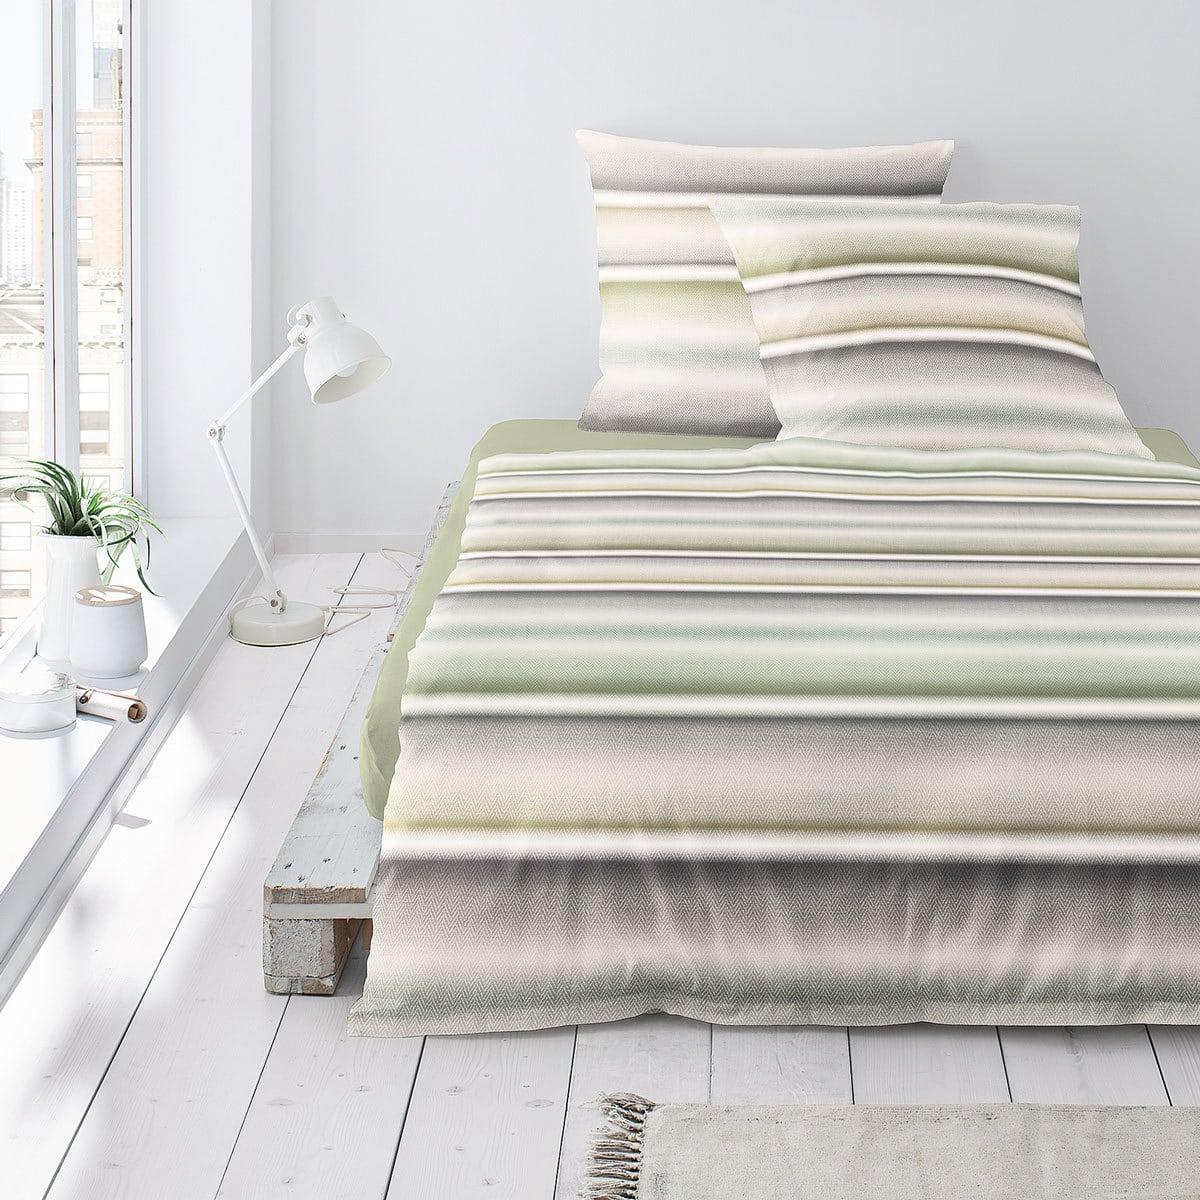 irisette biber bettw sche davos 8016 30 g nstig online kaufen bei bettwaren shop. Black Bedroom Furniture Sets. Home Design Ideas